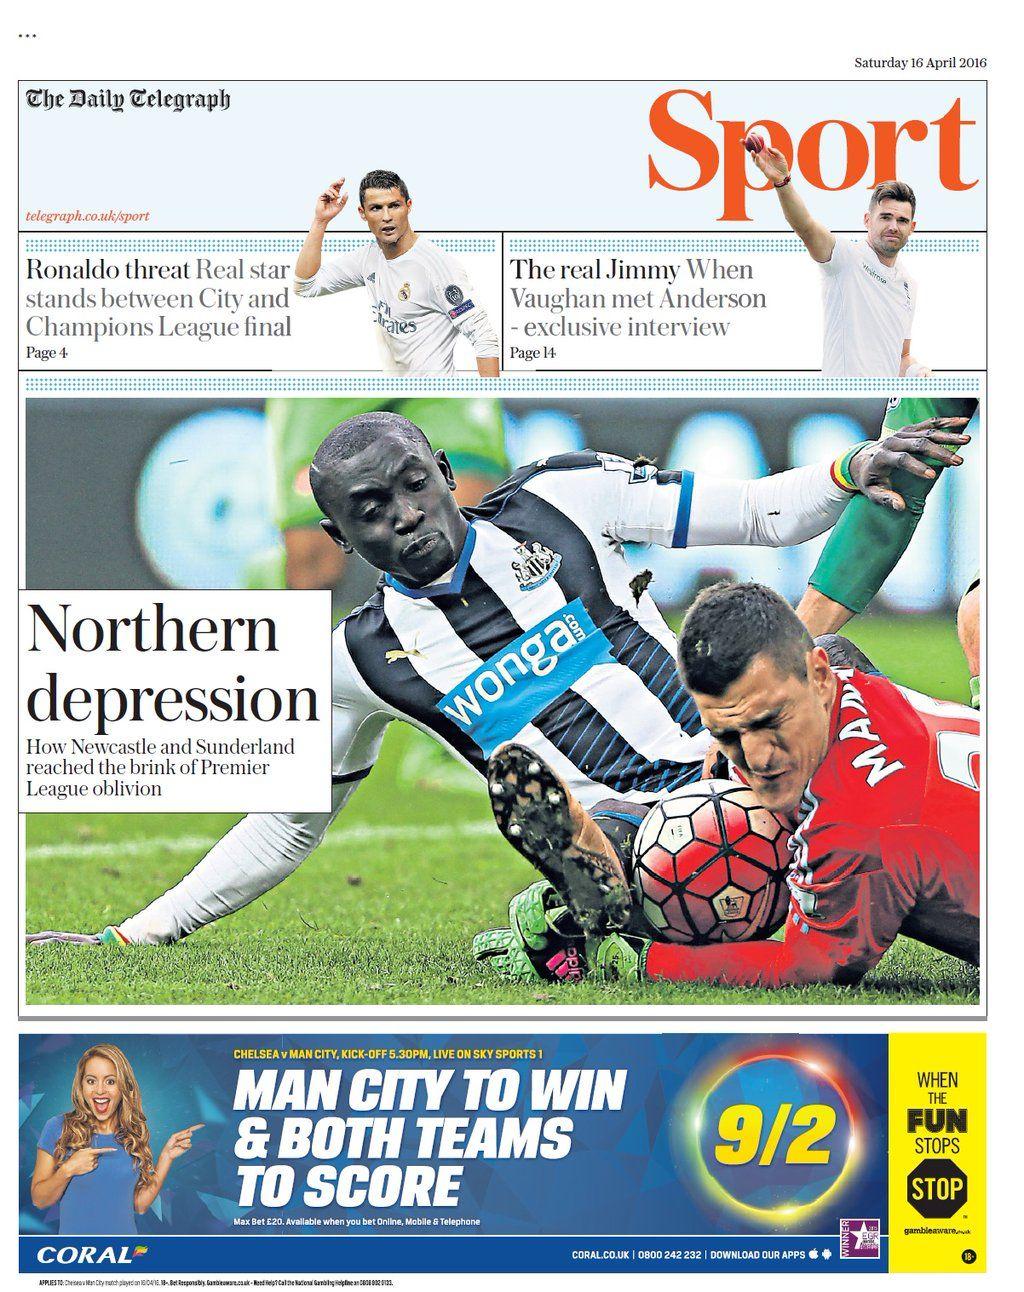 Nick Sutton on Sports, Premier league, Newcastle